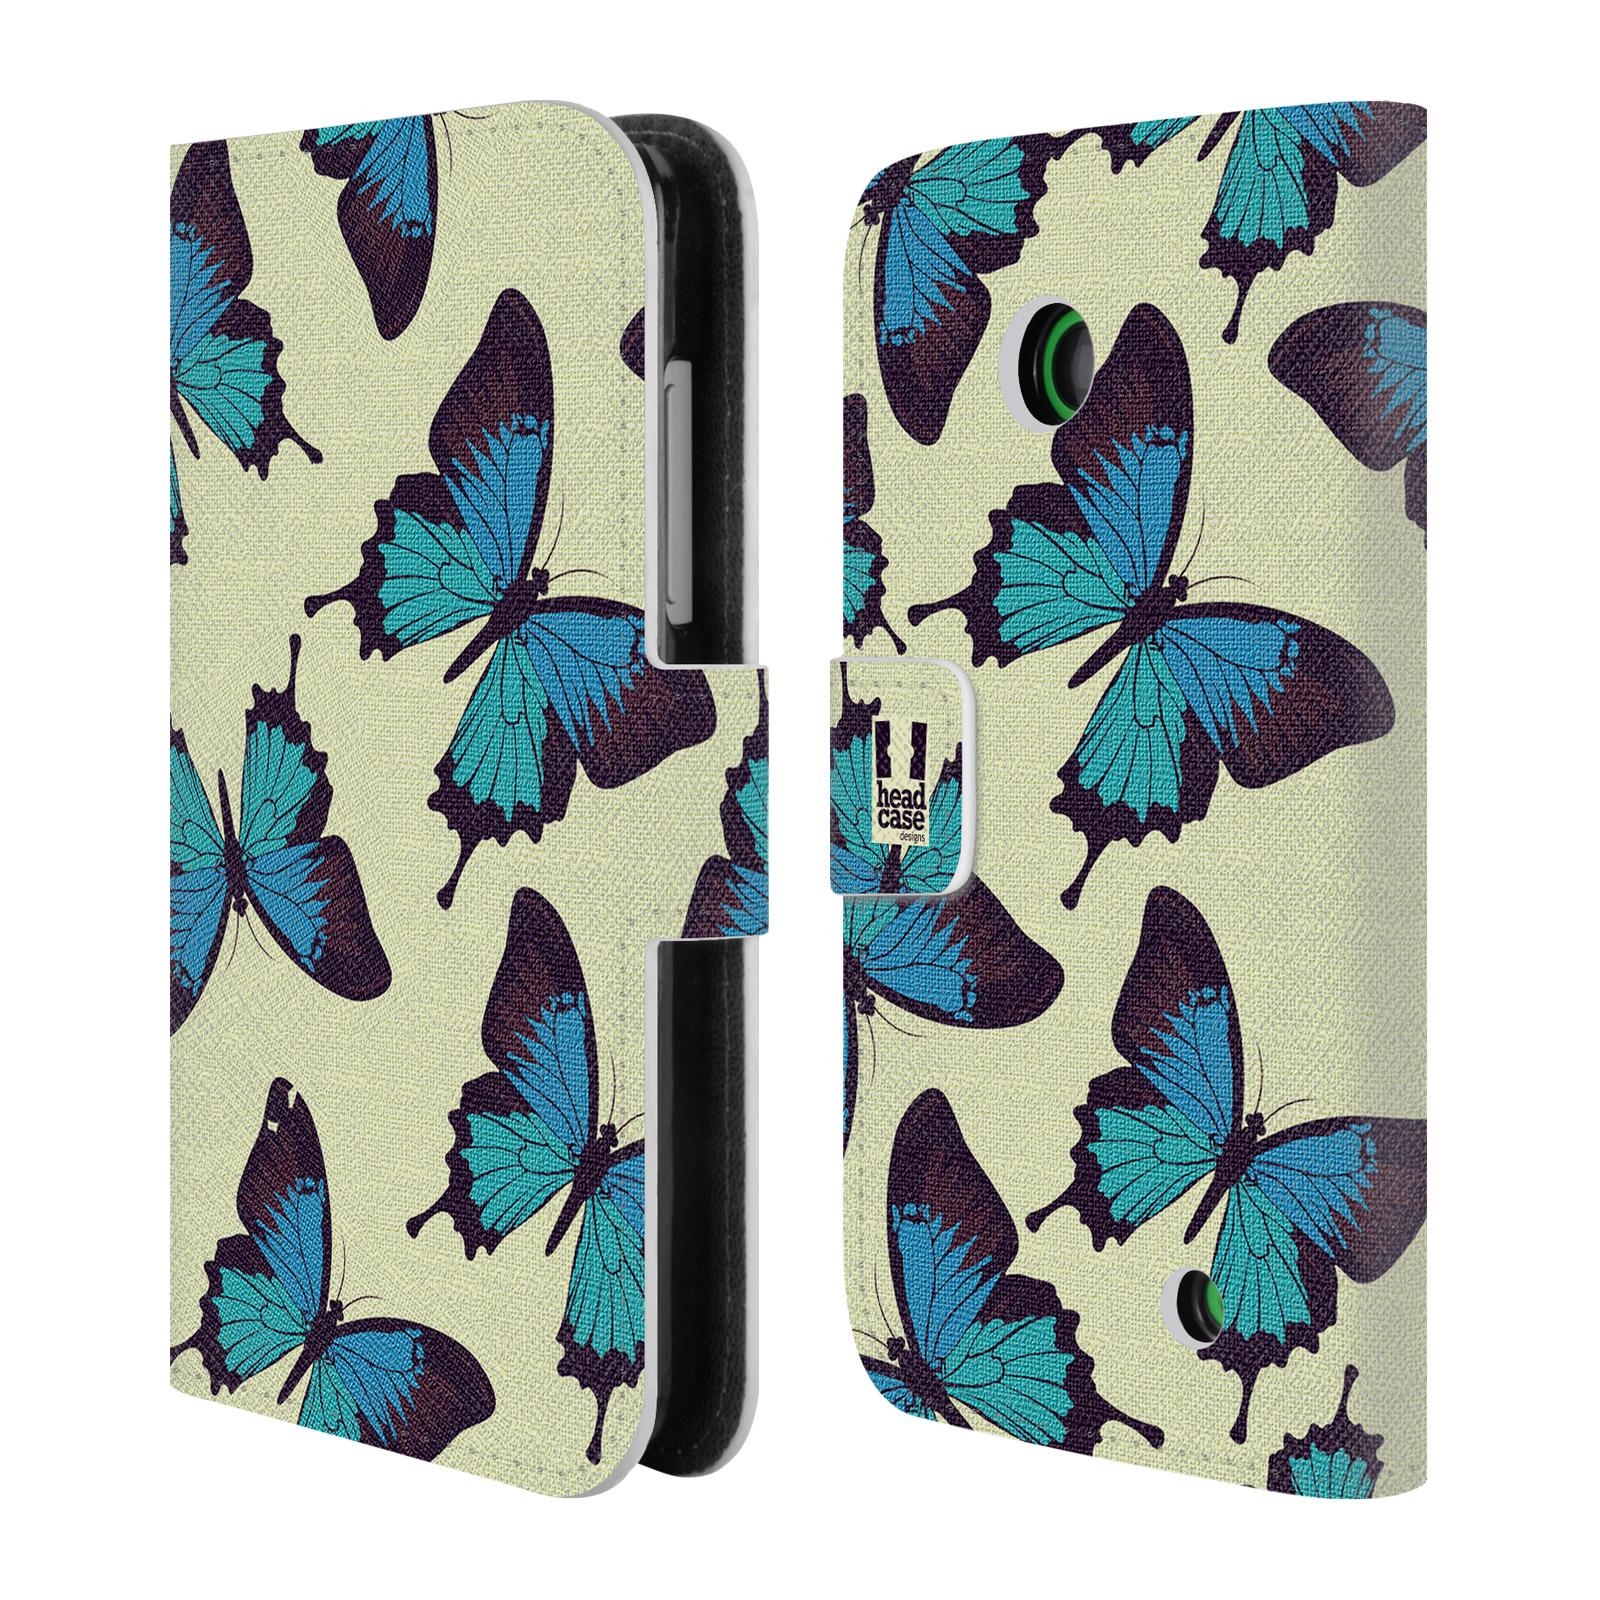 HEAD CASE Flipové pouzdro pro mobil NOKIA LUMIA 630 / LUMIA 630 DUAL Vzorkovaný motýl modrá